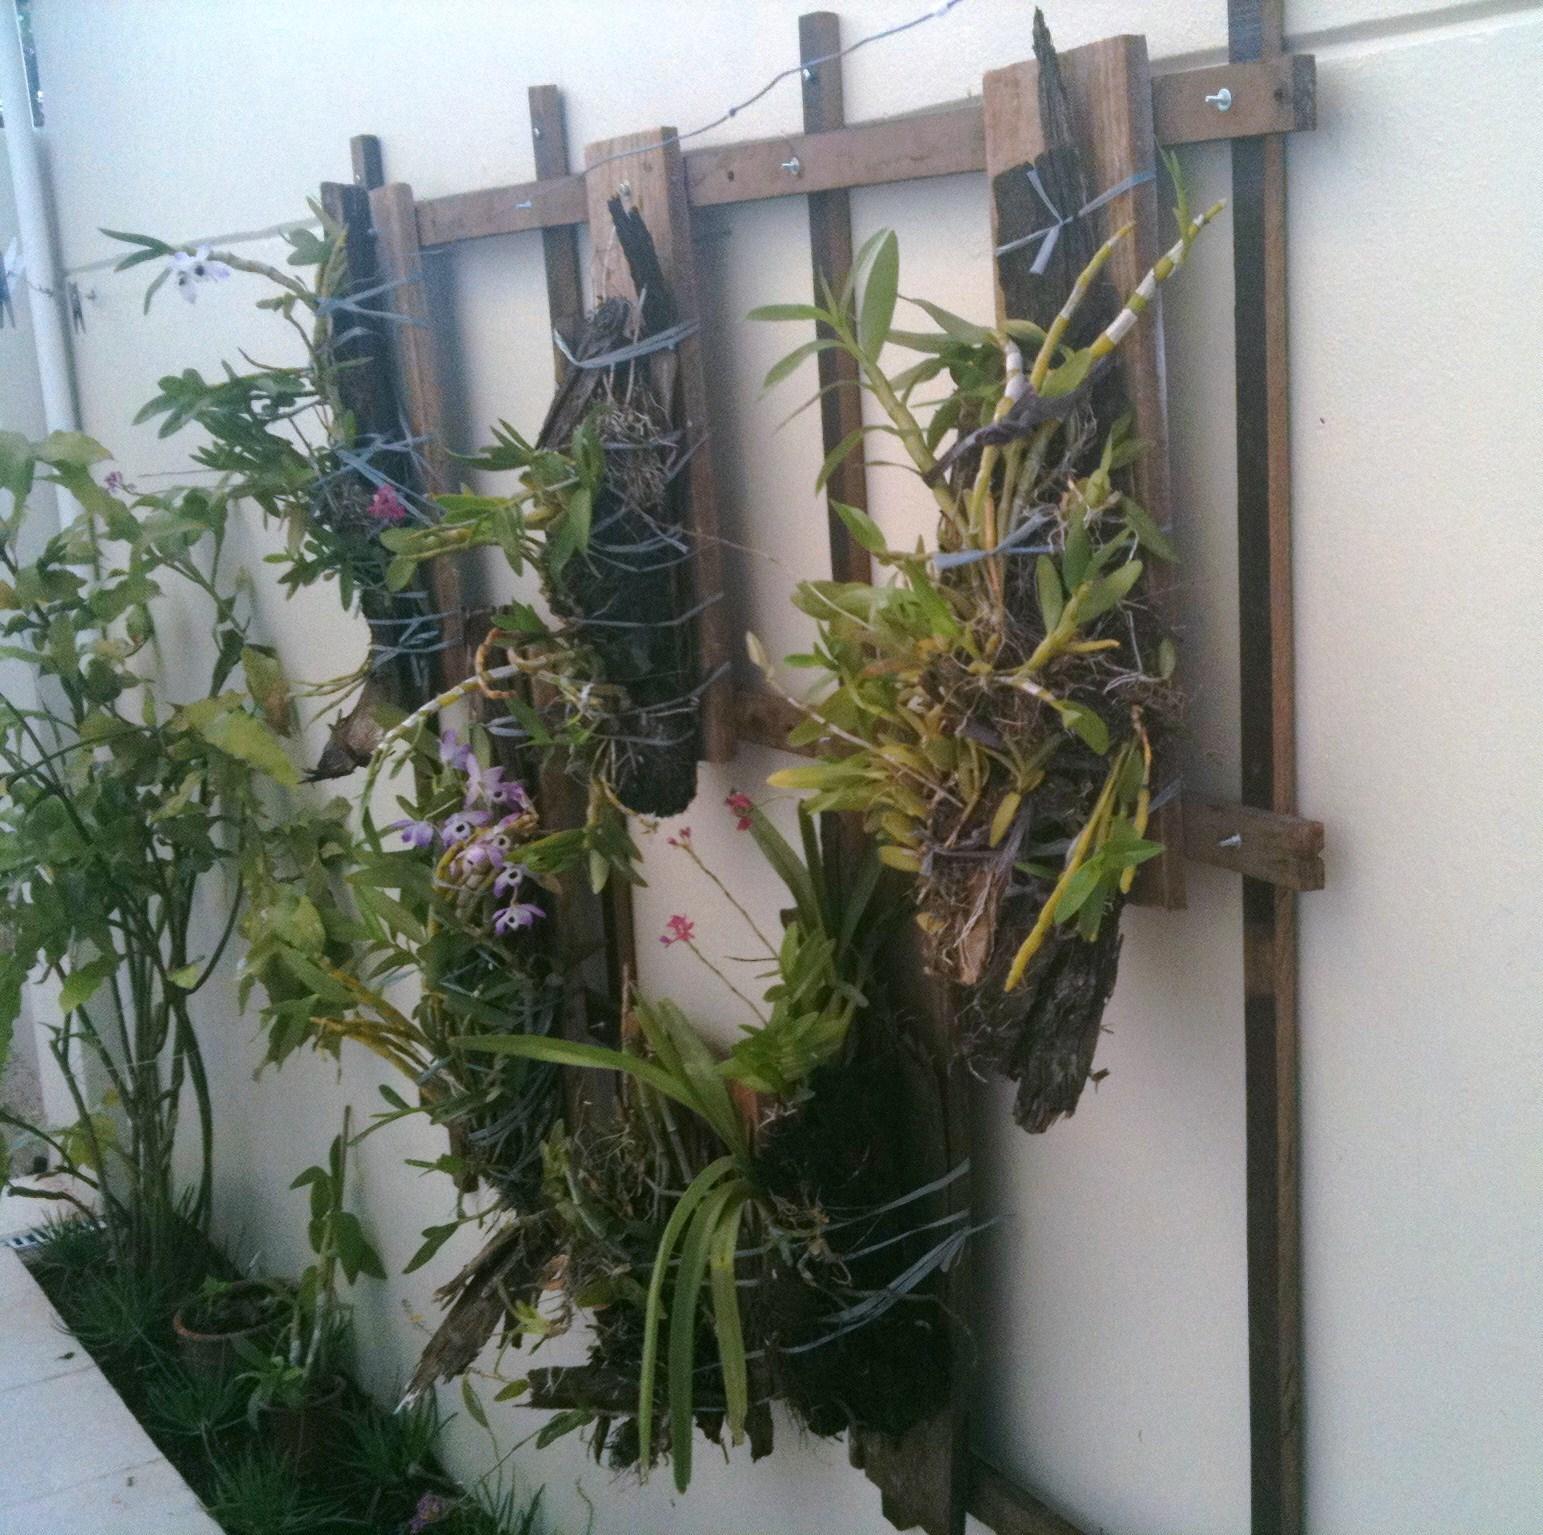 #696943 Verde Jardim: Suporte para orquídeas 1543x1535 px caixas de madeira para orquideas @ bernauer.info Móveis Antigos Novos E Usados Online